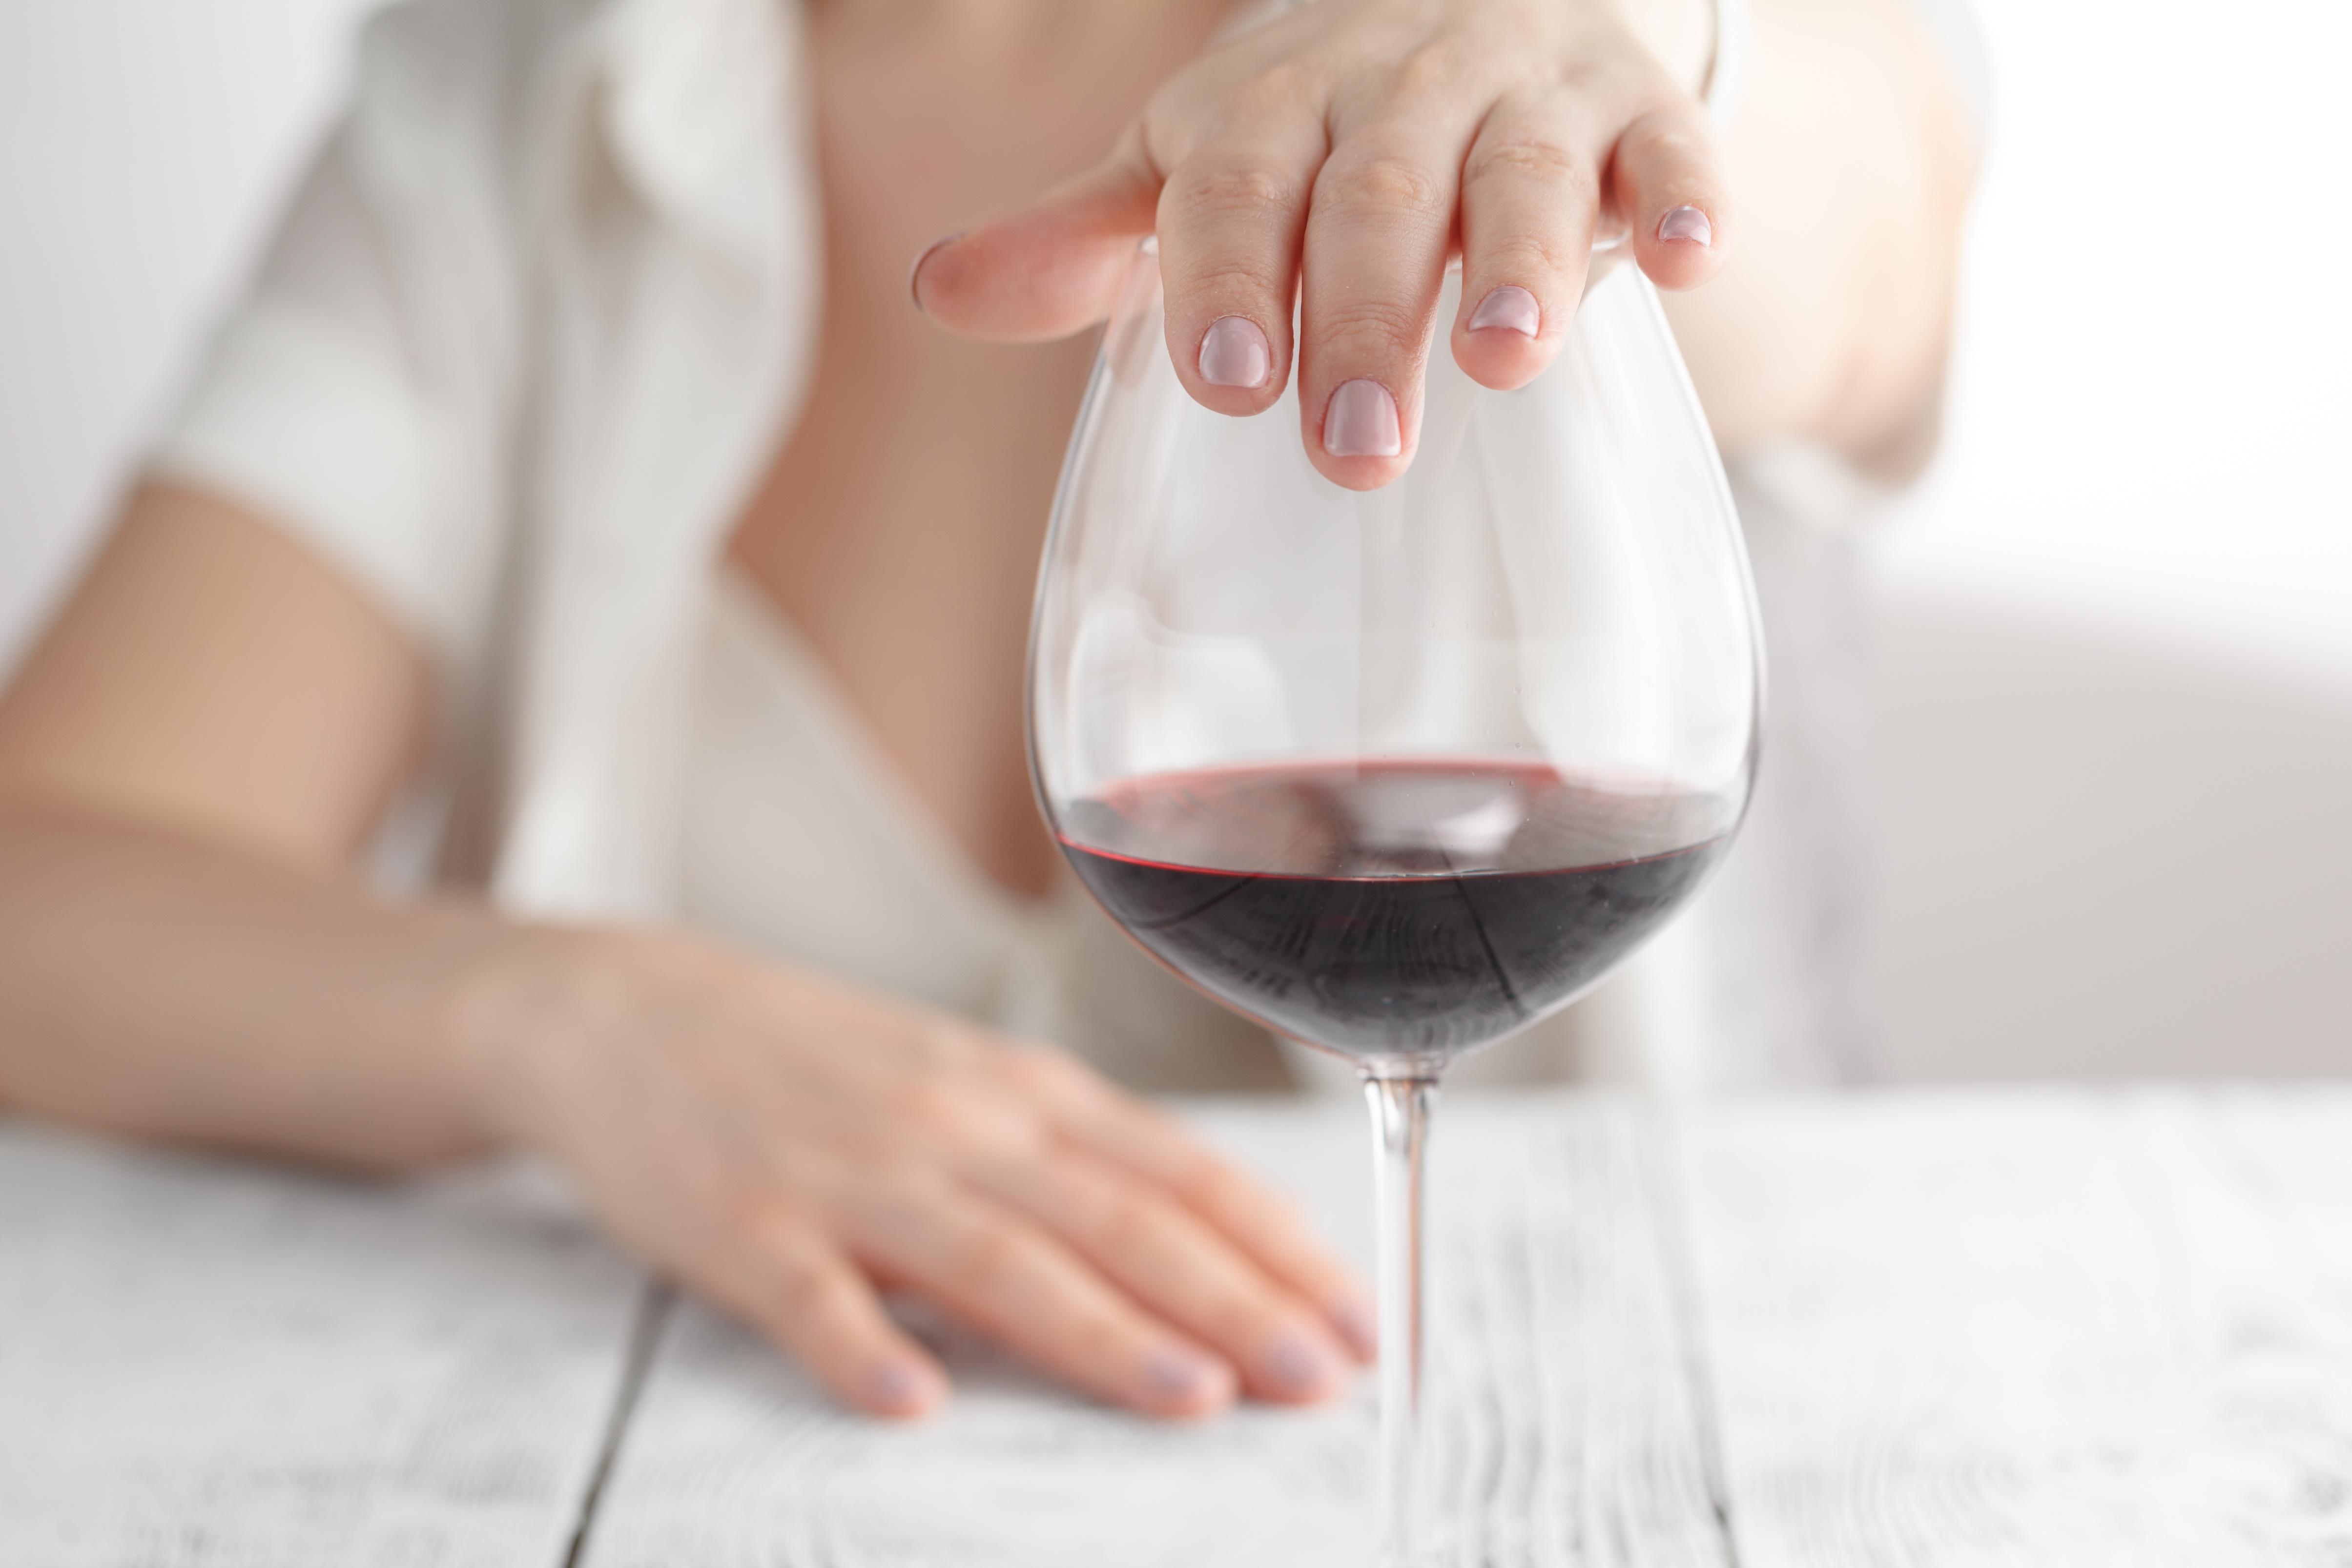 Même une consommation d'alcool définie comme à « faible risque », c'est-à-dire dans les limites de consommation recommandées peut être nocive (Visuel Fotolia)